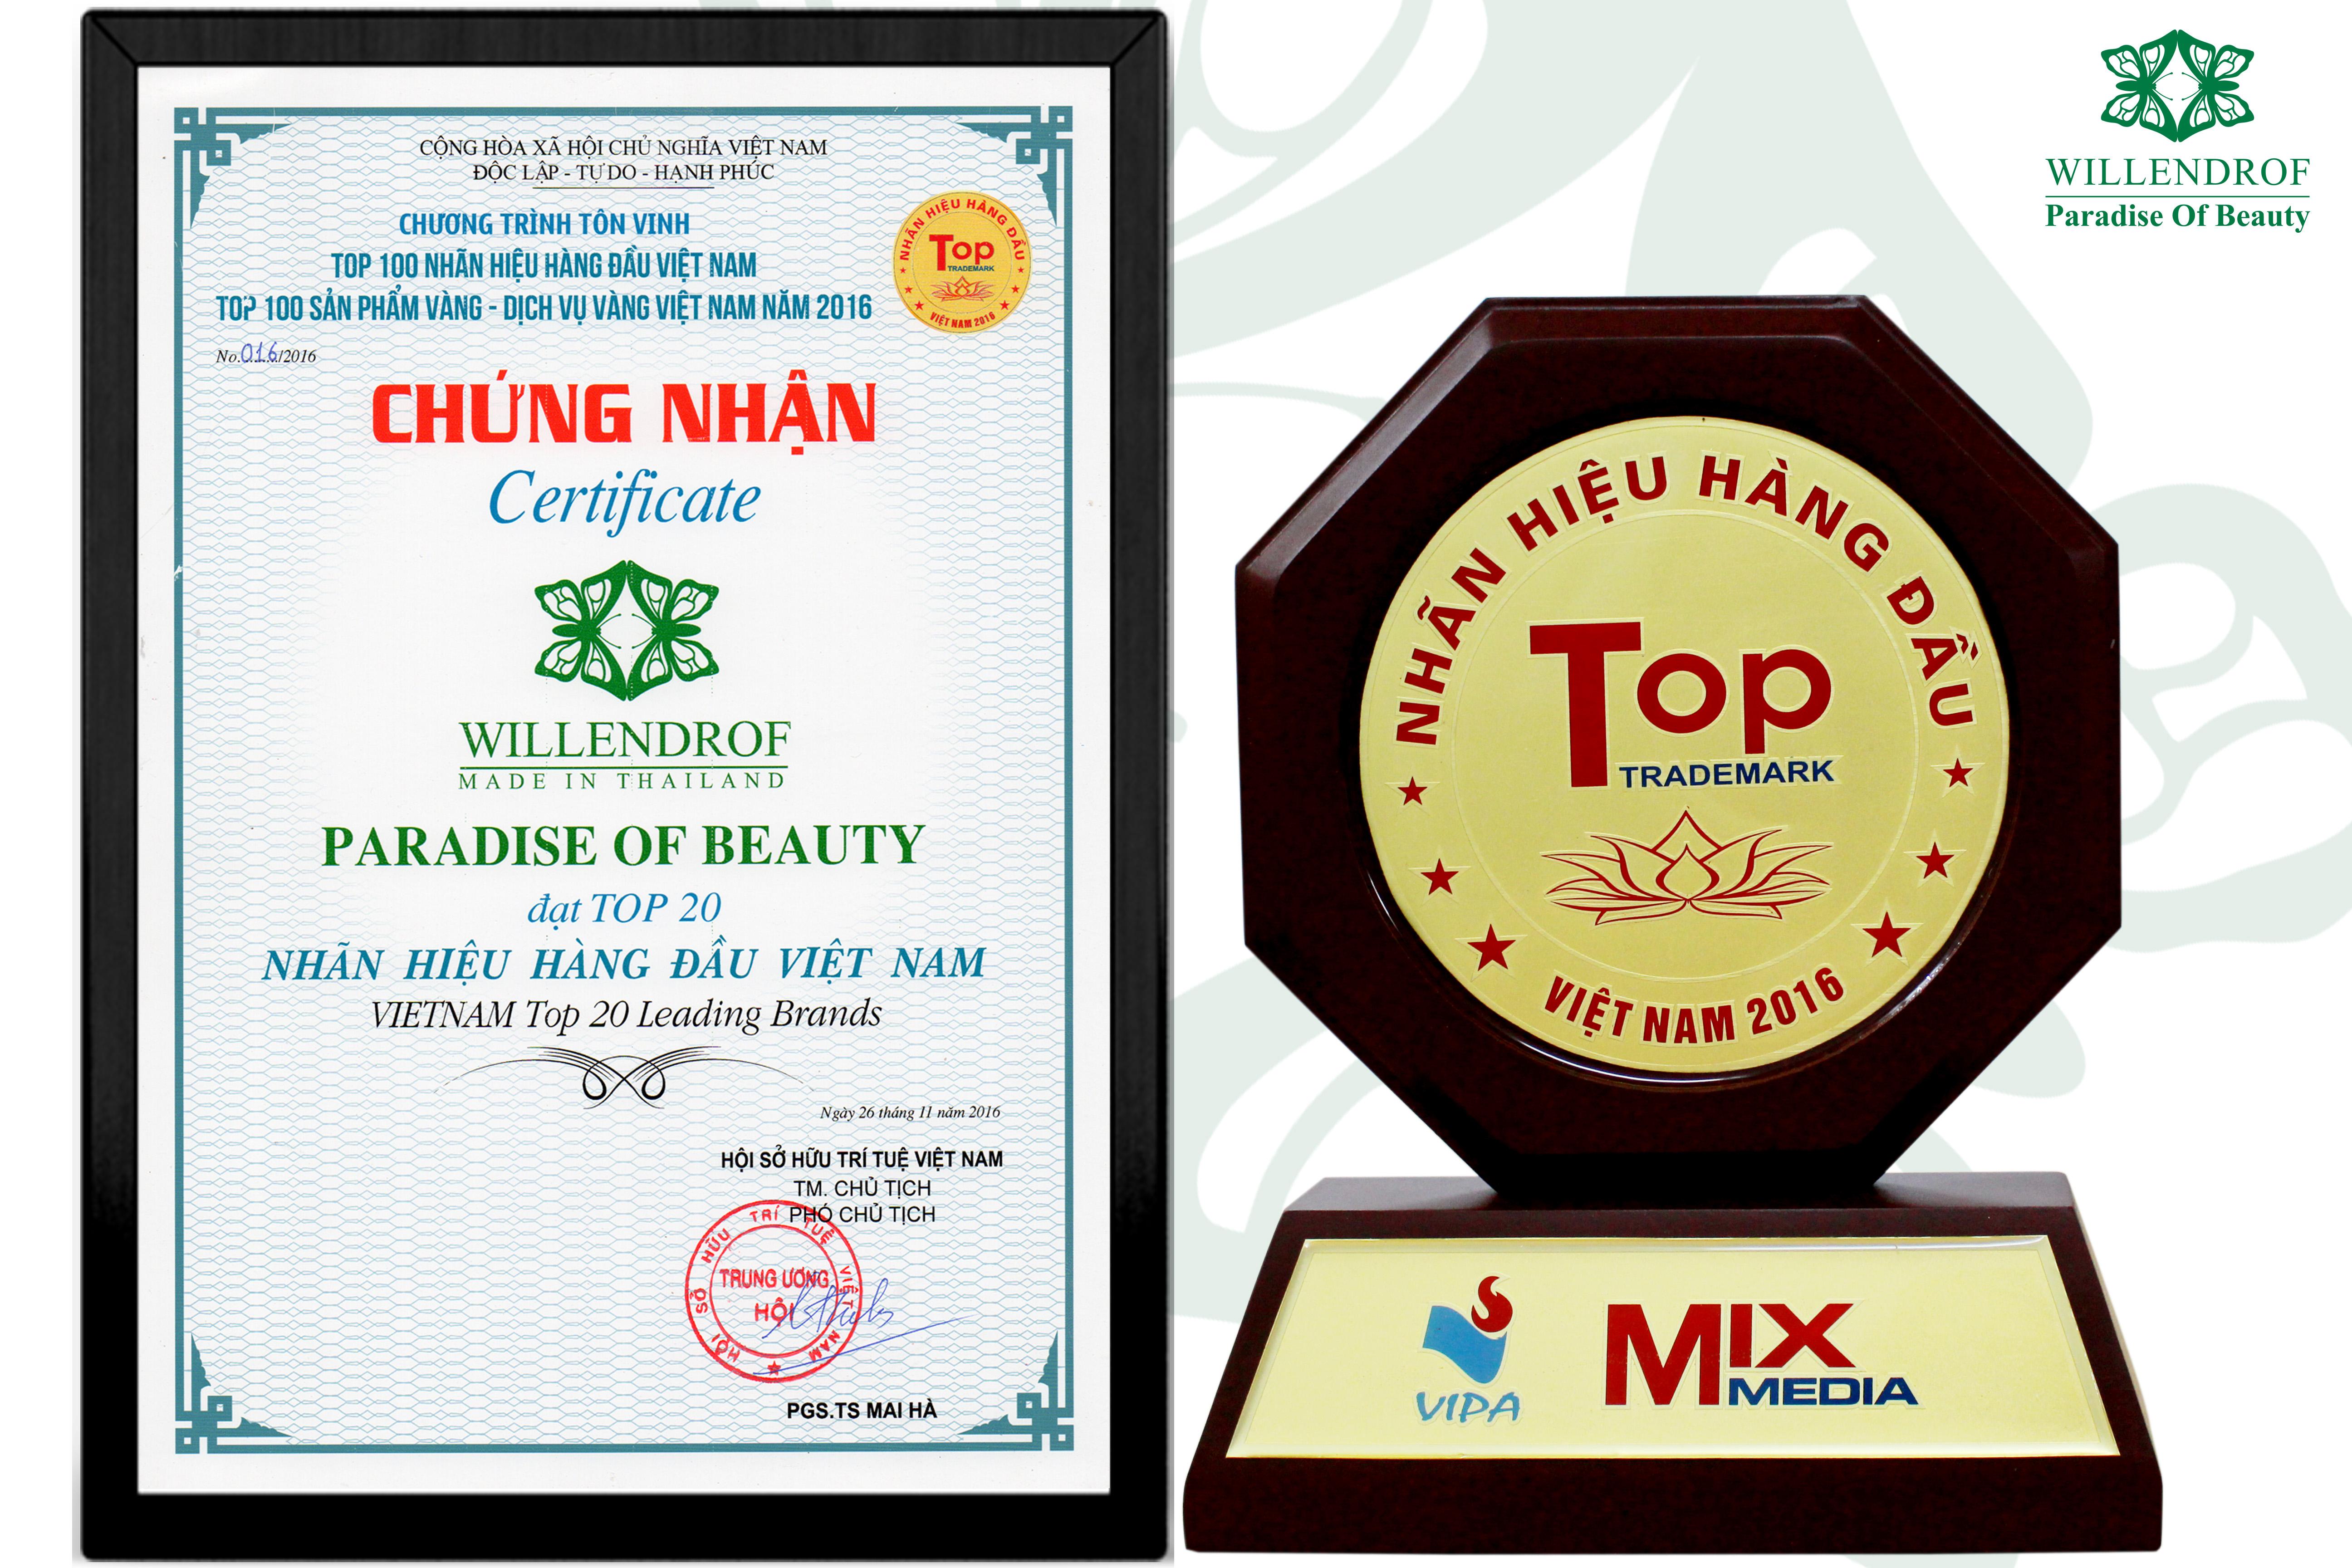 chung-nhan-dat-top-20-hang-dau-vn-ky-niem-chuong-co-logo